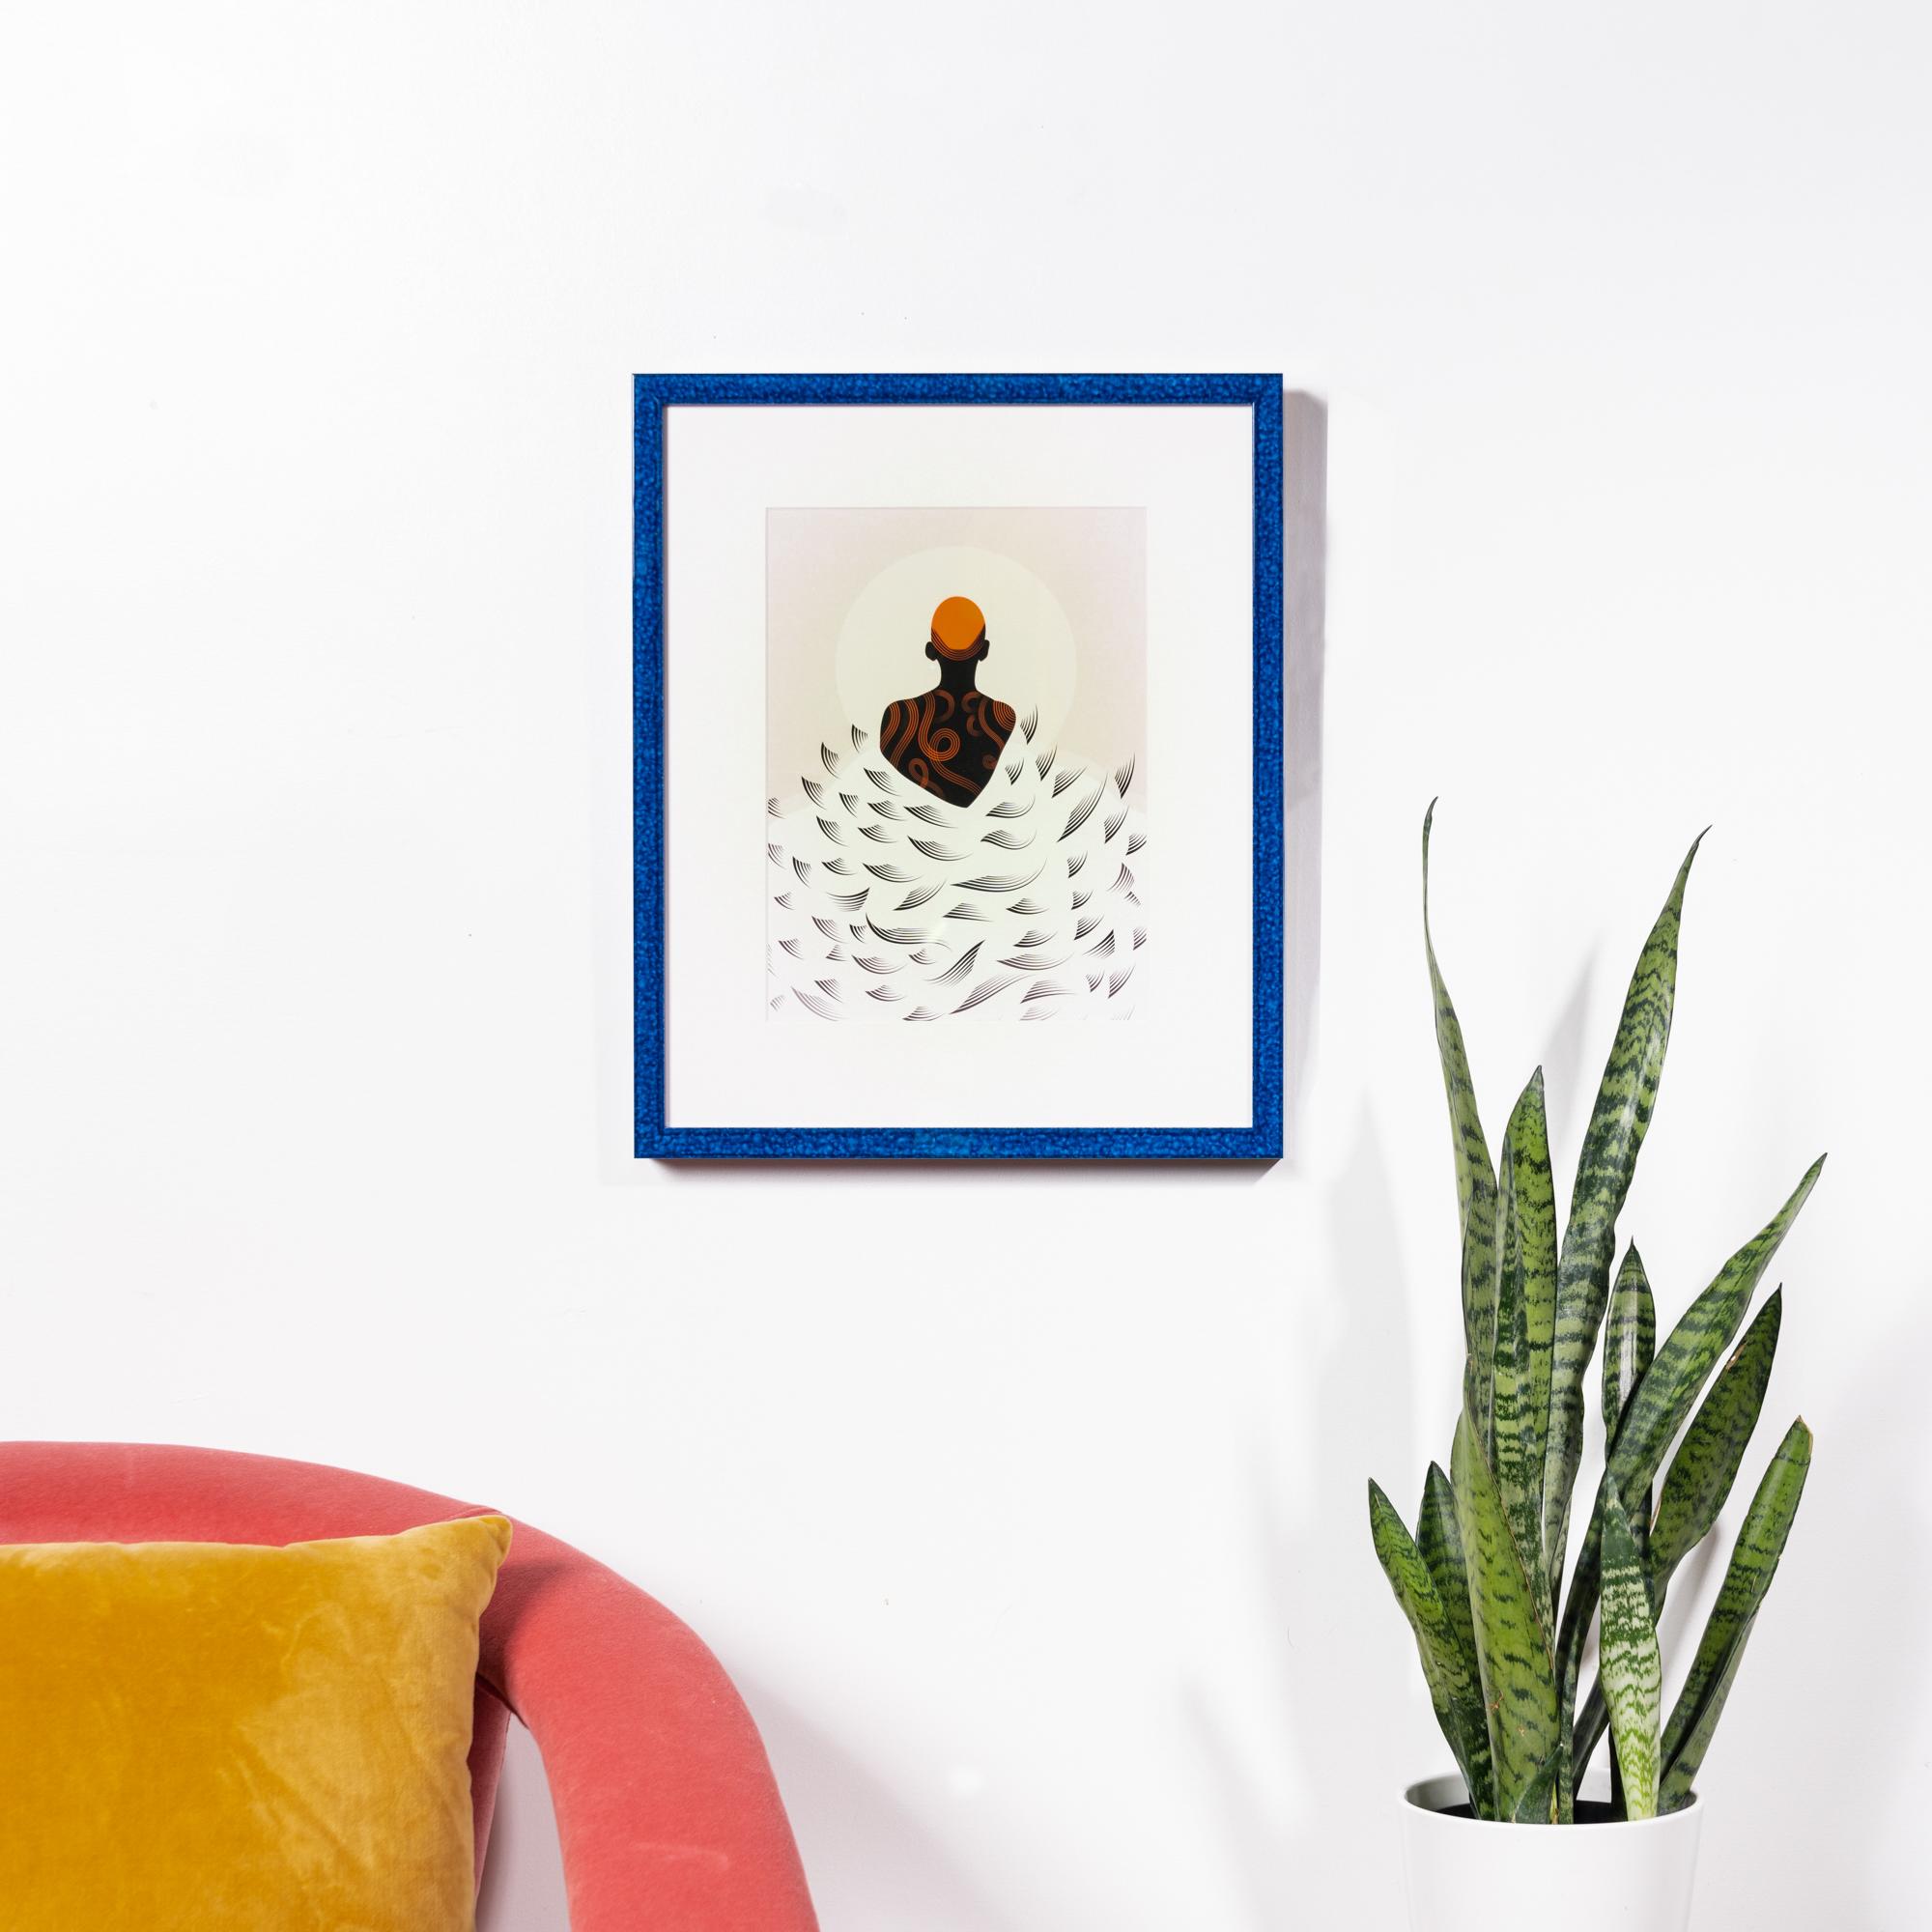 Framebridge Black Artists Print Shop Neka King Under What Sun framed print Santorini frame